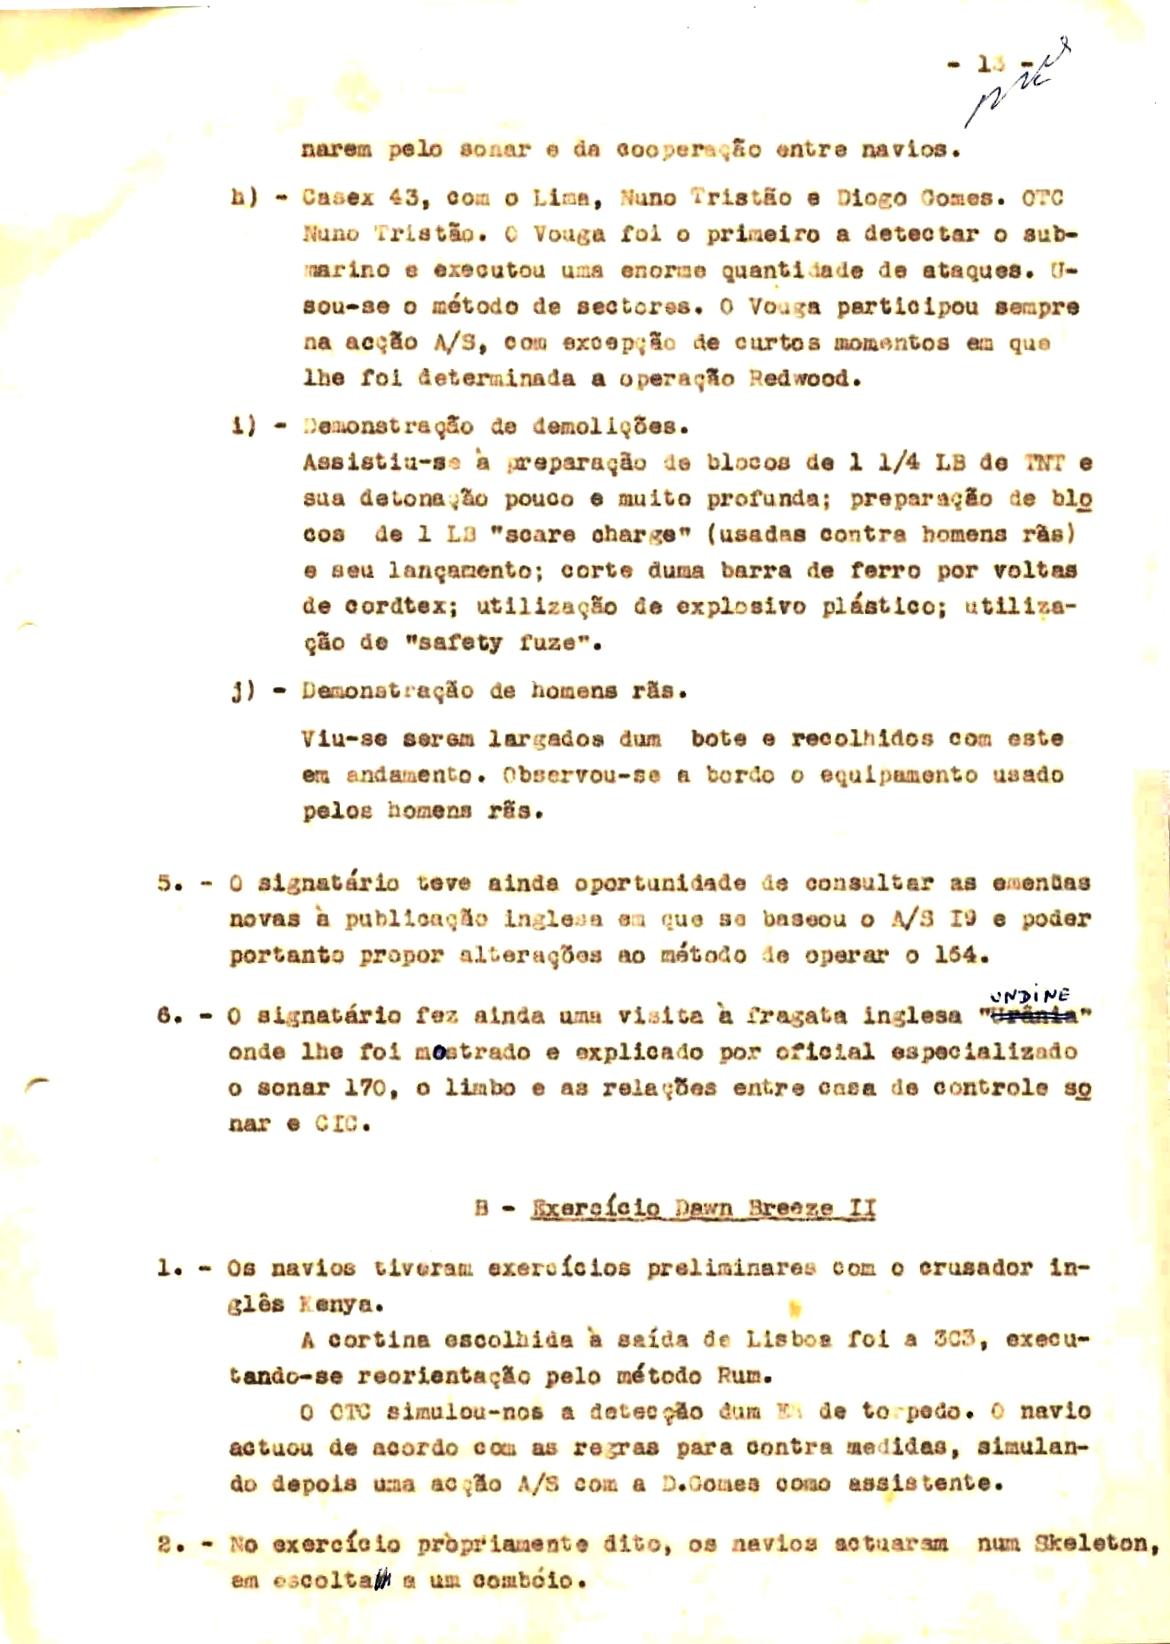 00350 57-10-21 cópia do Relatório do Chefe do Serviço de Armas Submarina do CT Vouga 1º Ten Nunes da Silva-13